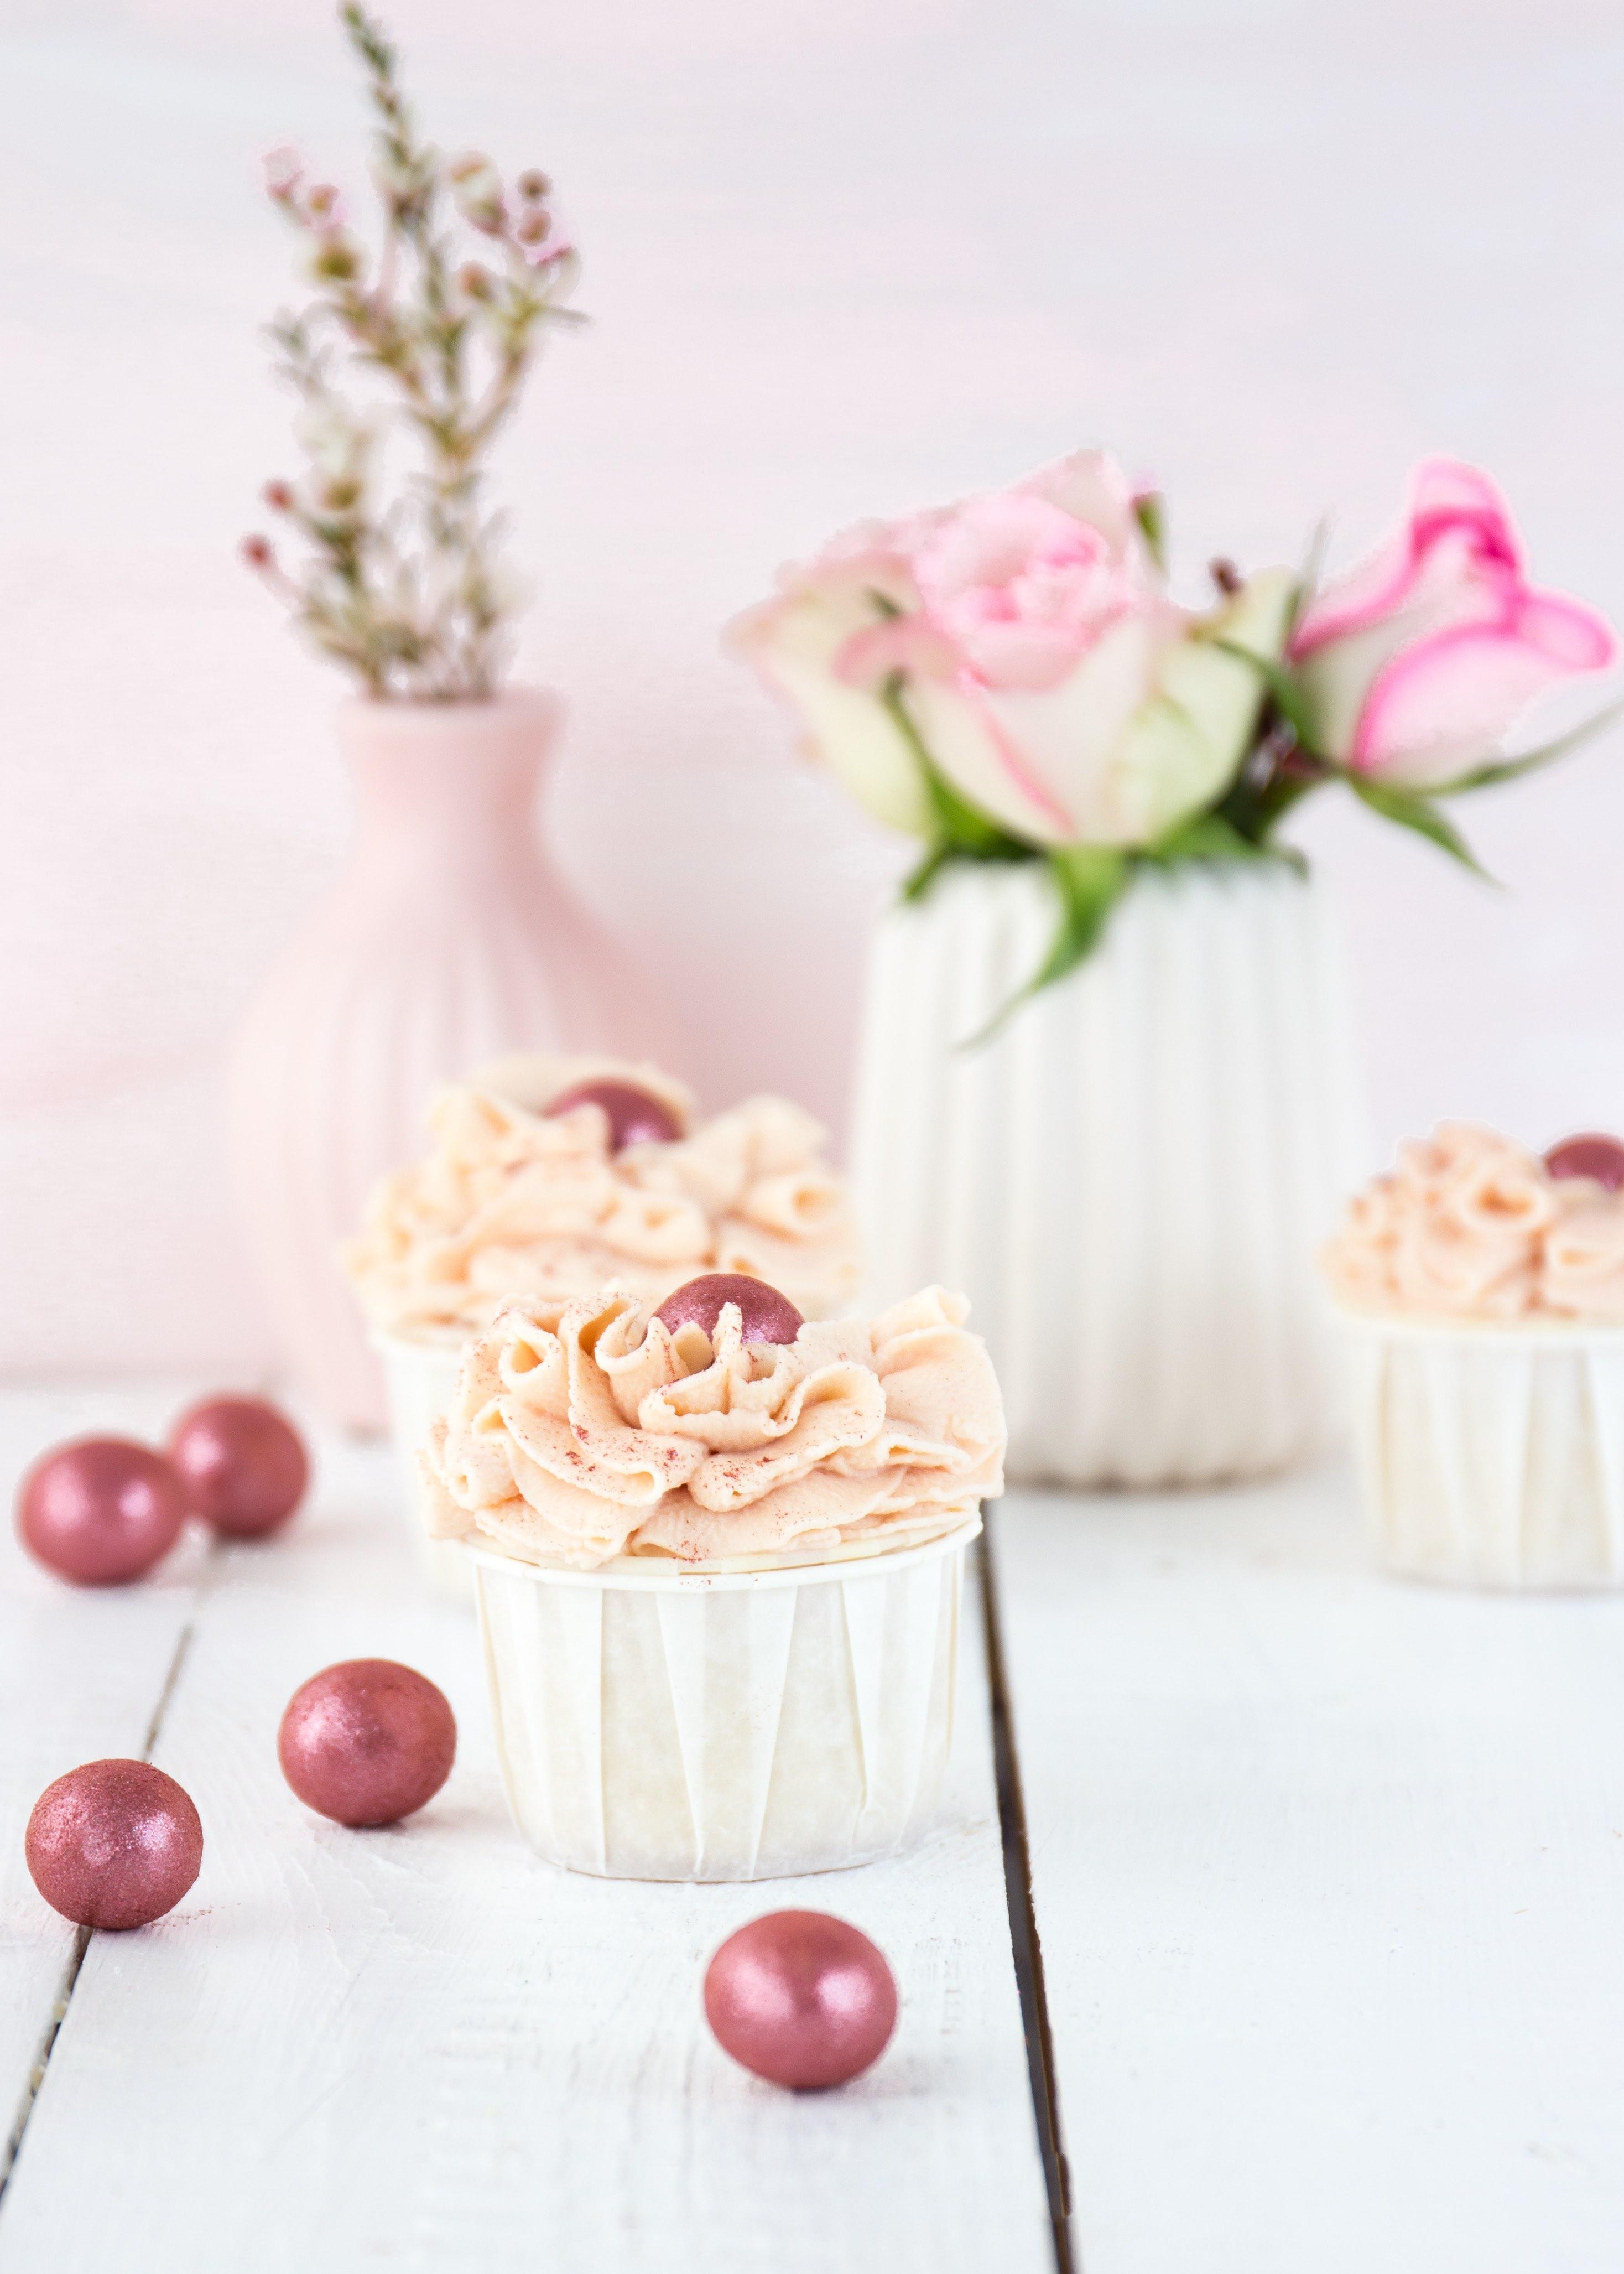 Apfel Himbeer Cupcakes Rezept backen Valentinstag #cupcakes #himbeeren #backen | Emma´s Lieblingsstücke